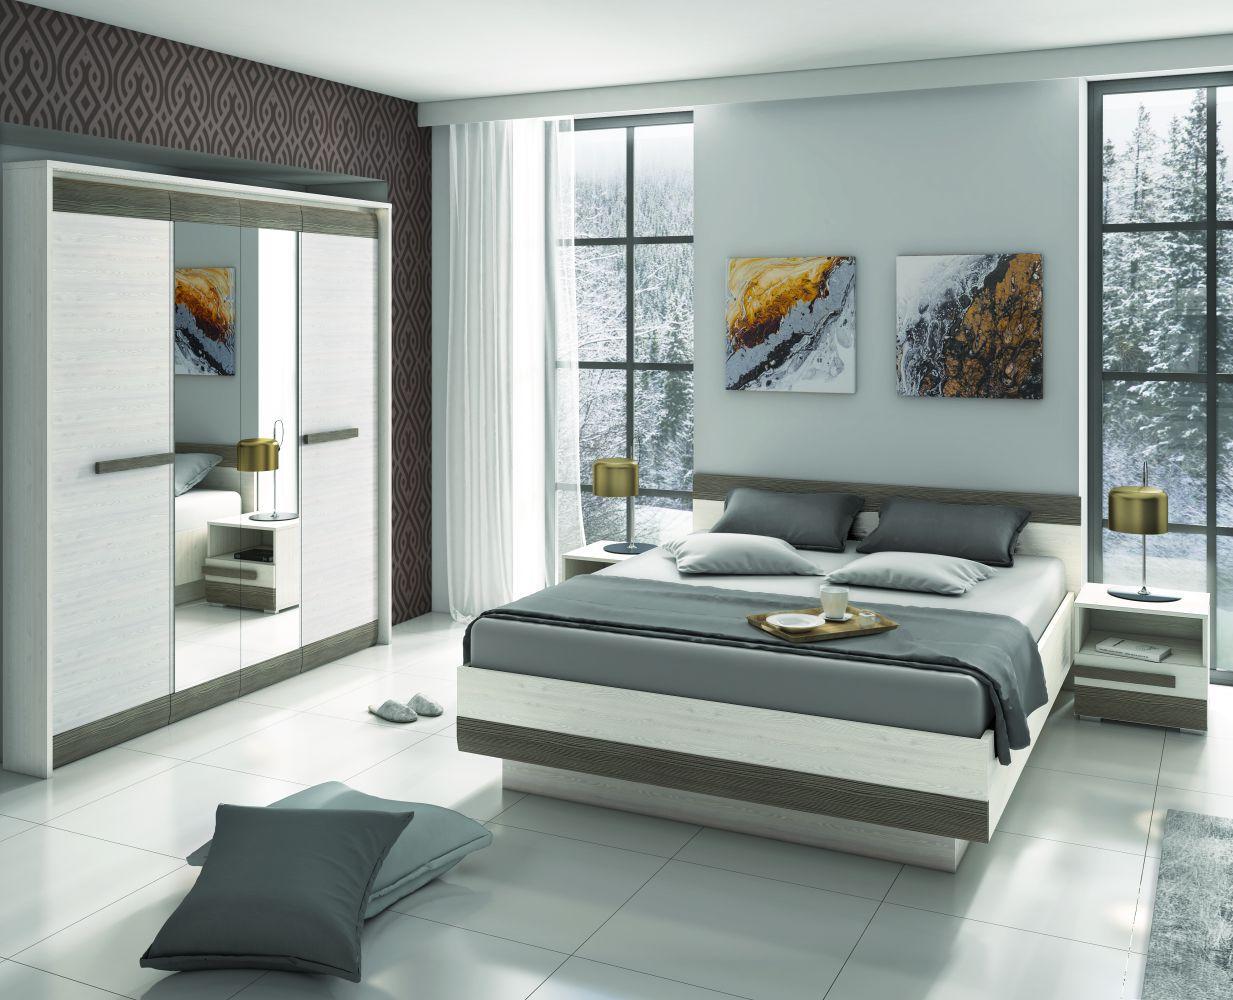 Schlafzimmer Komplett - Set G Knoxville, 4-teilig, Farbe: Kiefer Weiß / Grau